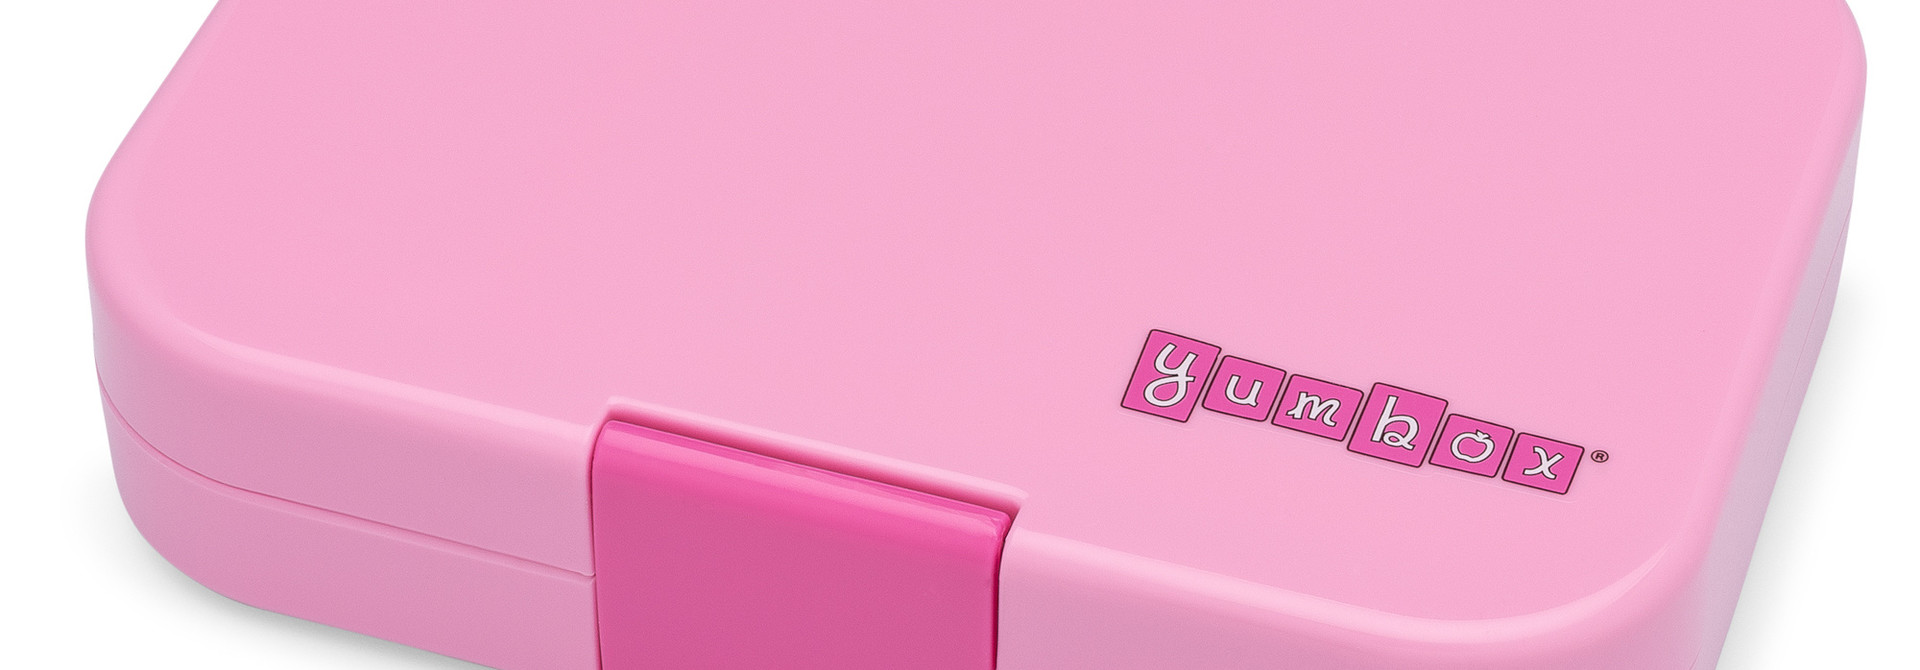 Yumbox Original exterior box Power Pink